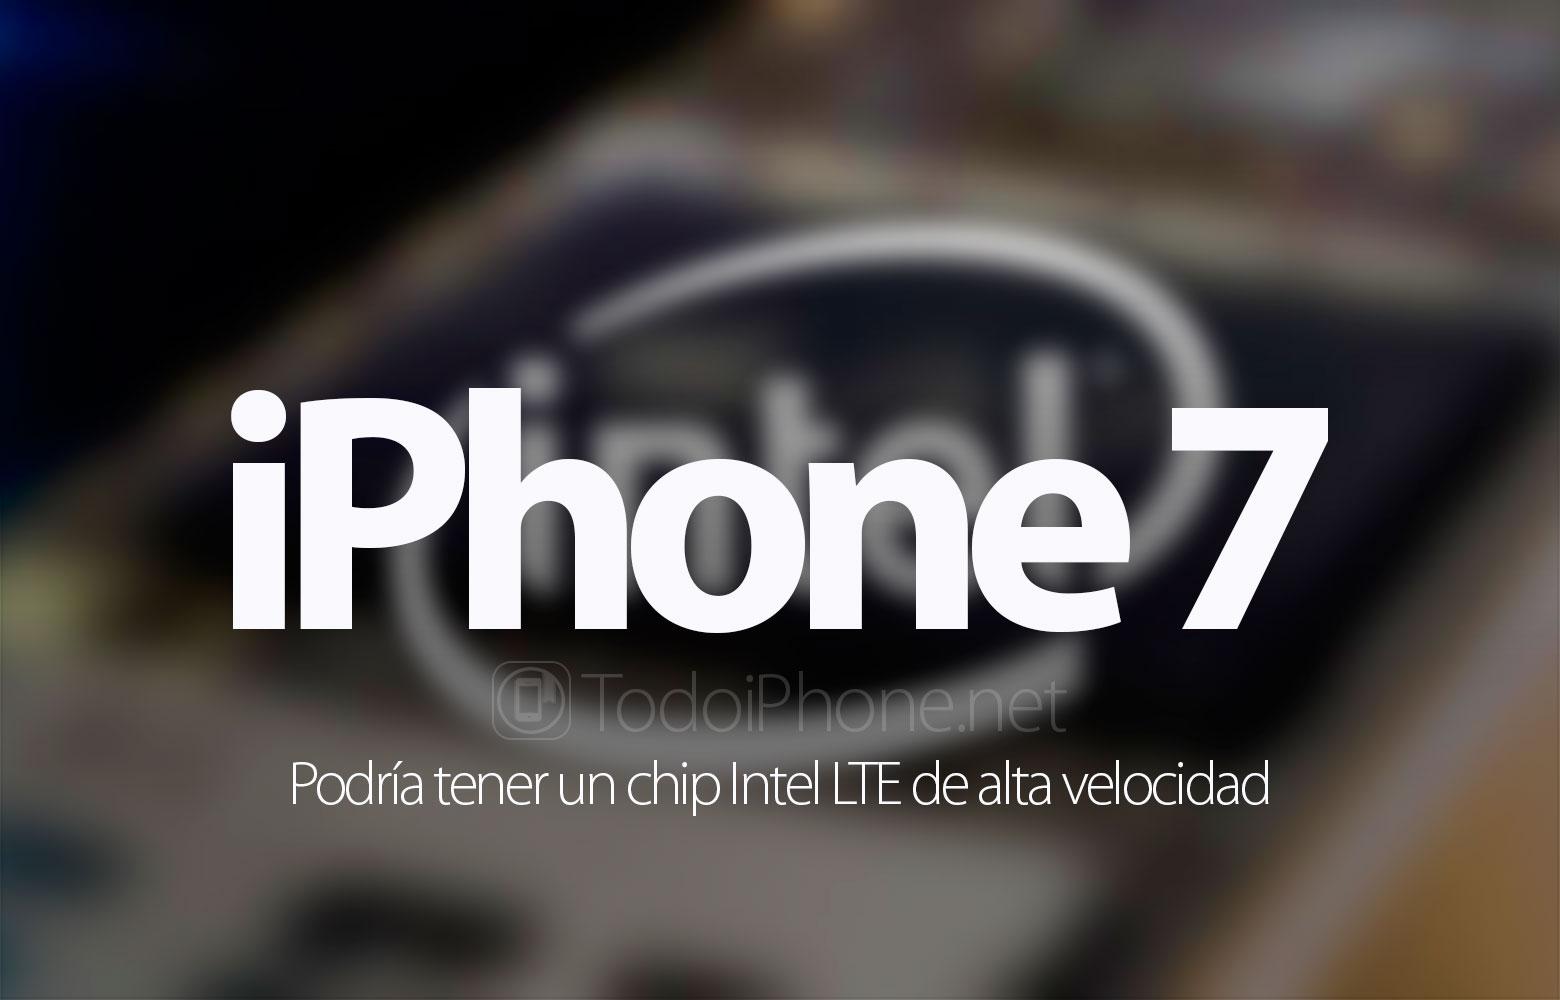 iphone-7-chip-intel-lte-alta-velocidad